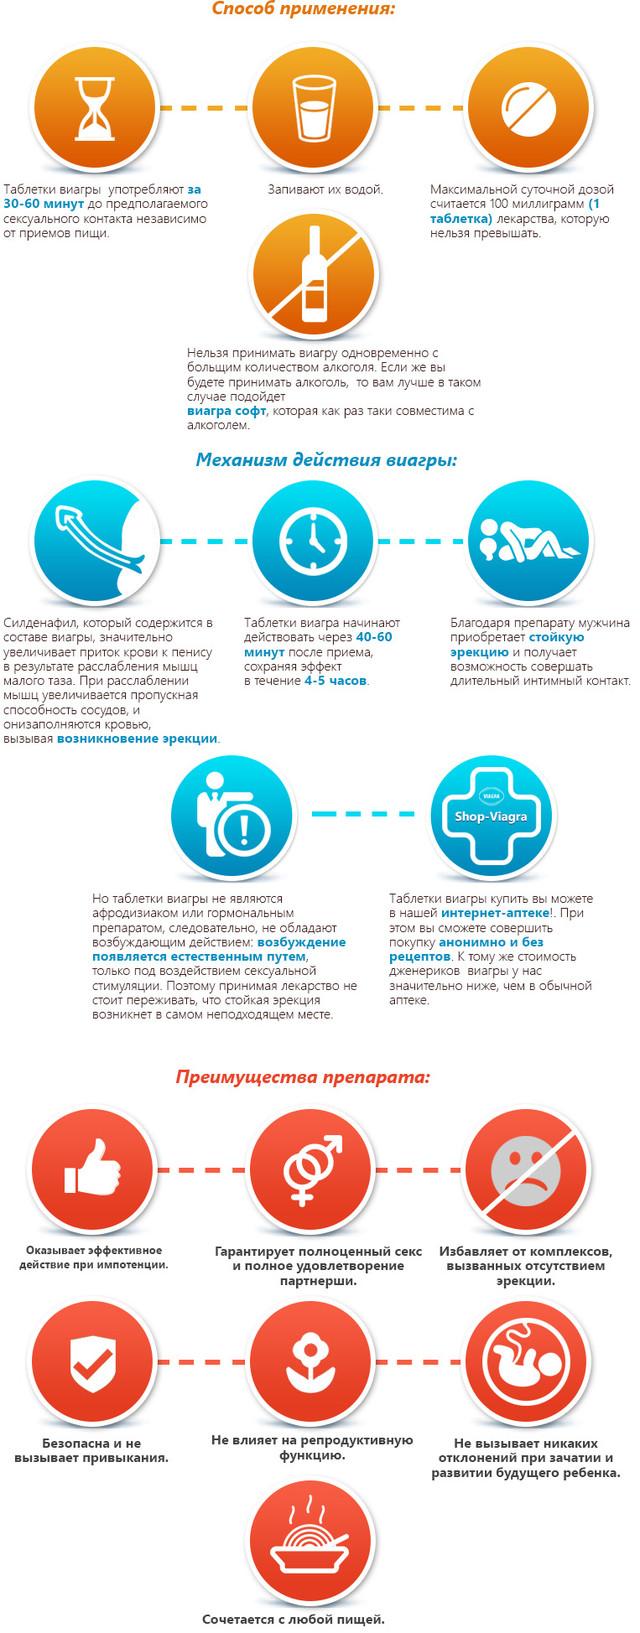 Способ Применения Таблетки Виагра